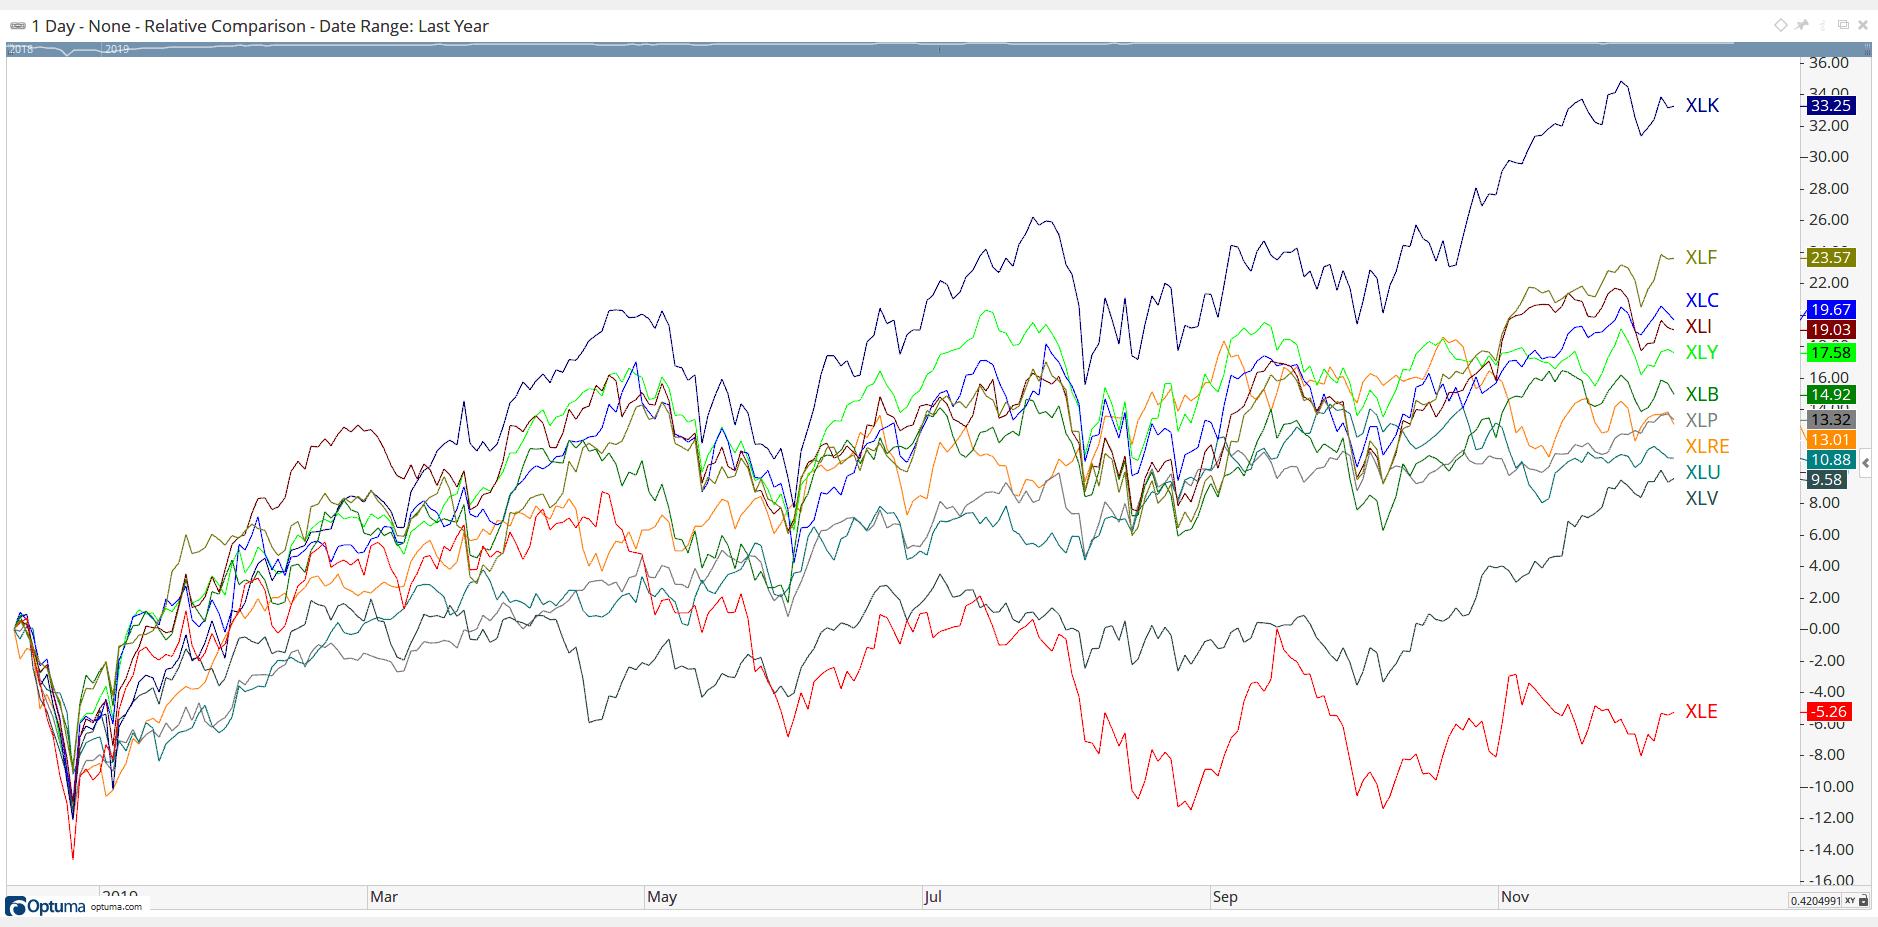 all-star-charts-relative-comparison-4